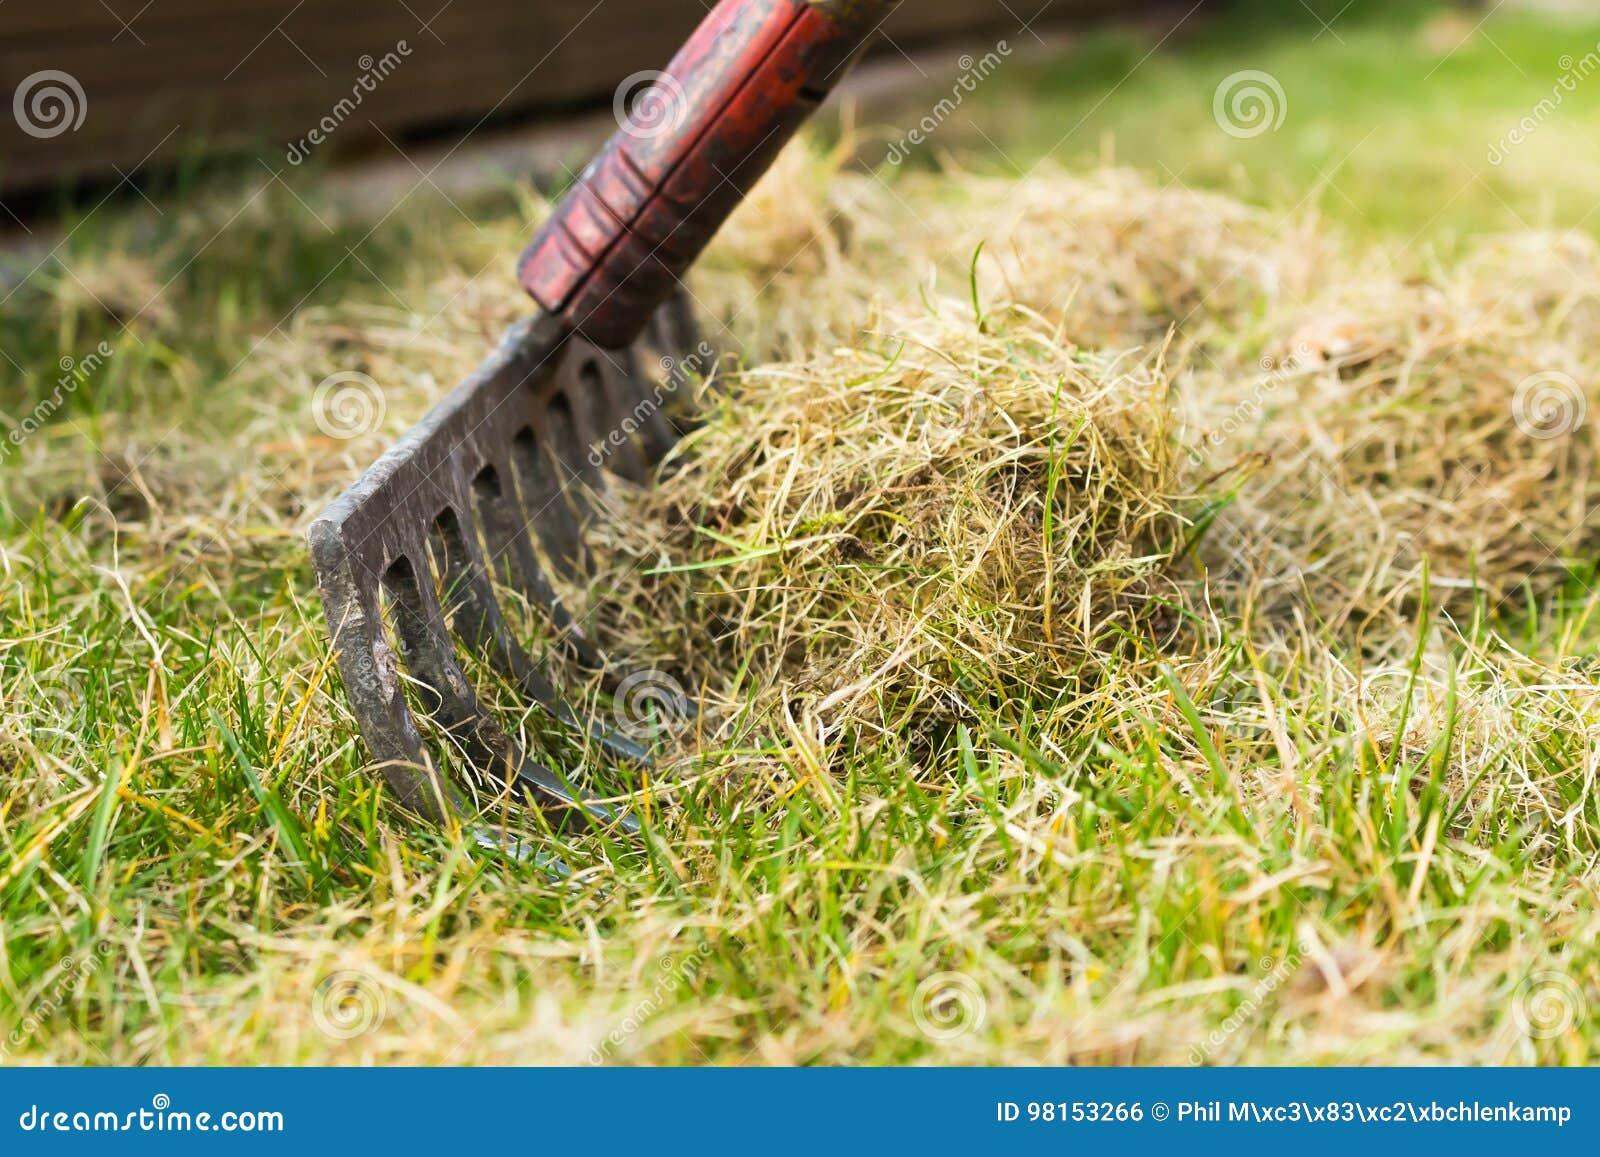 清扫草与犁耙